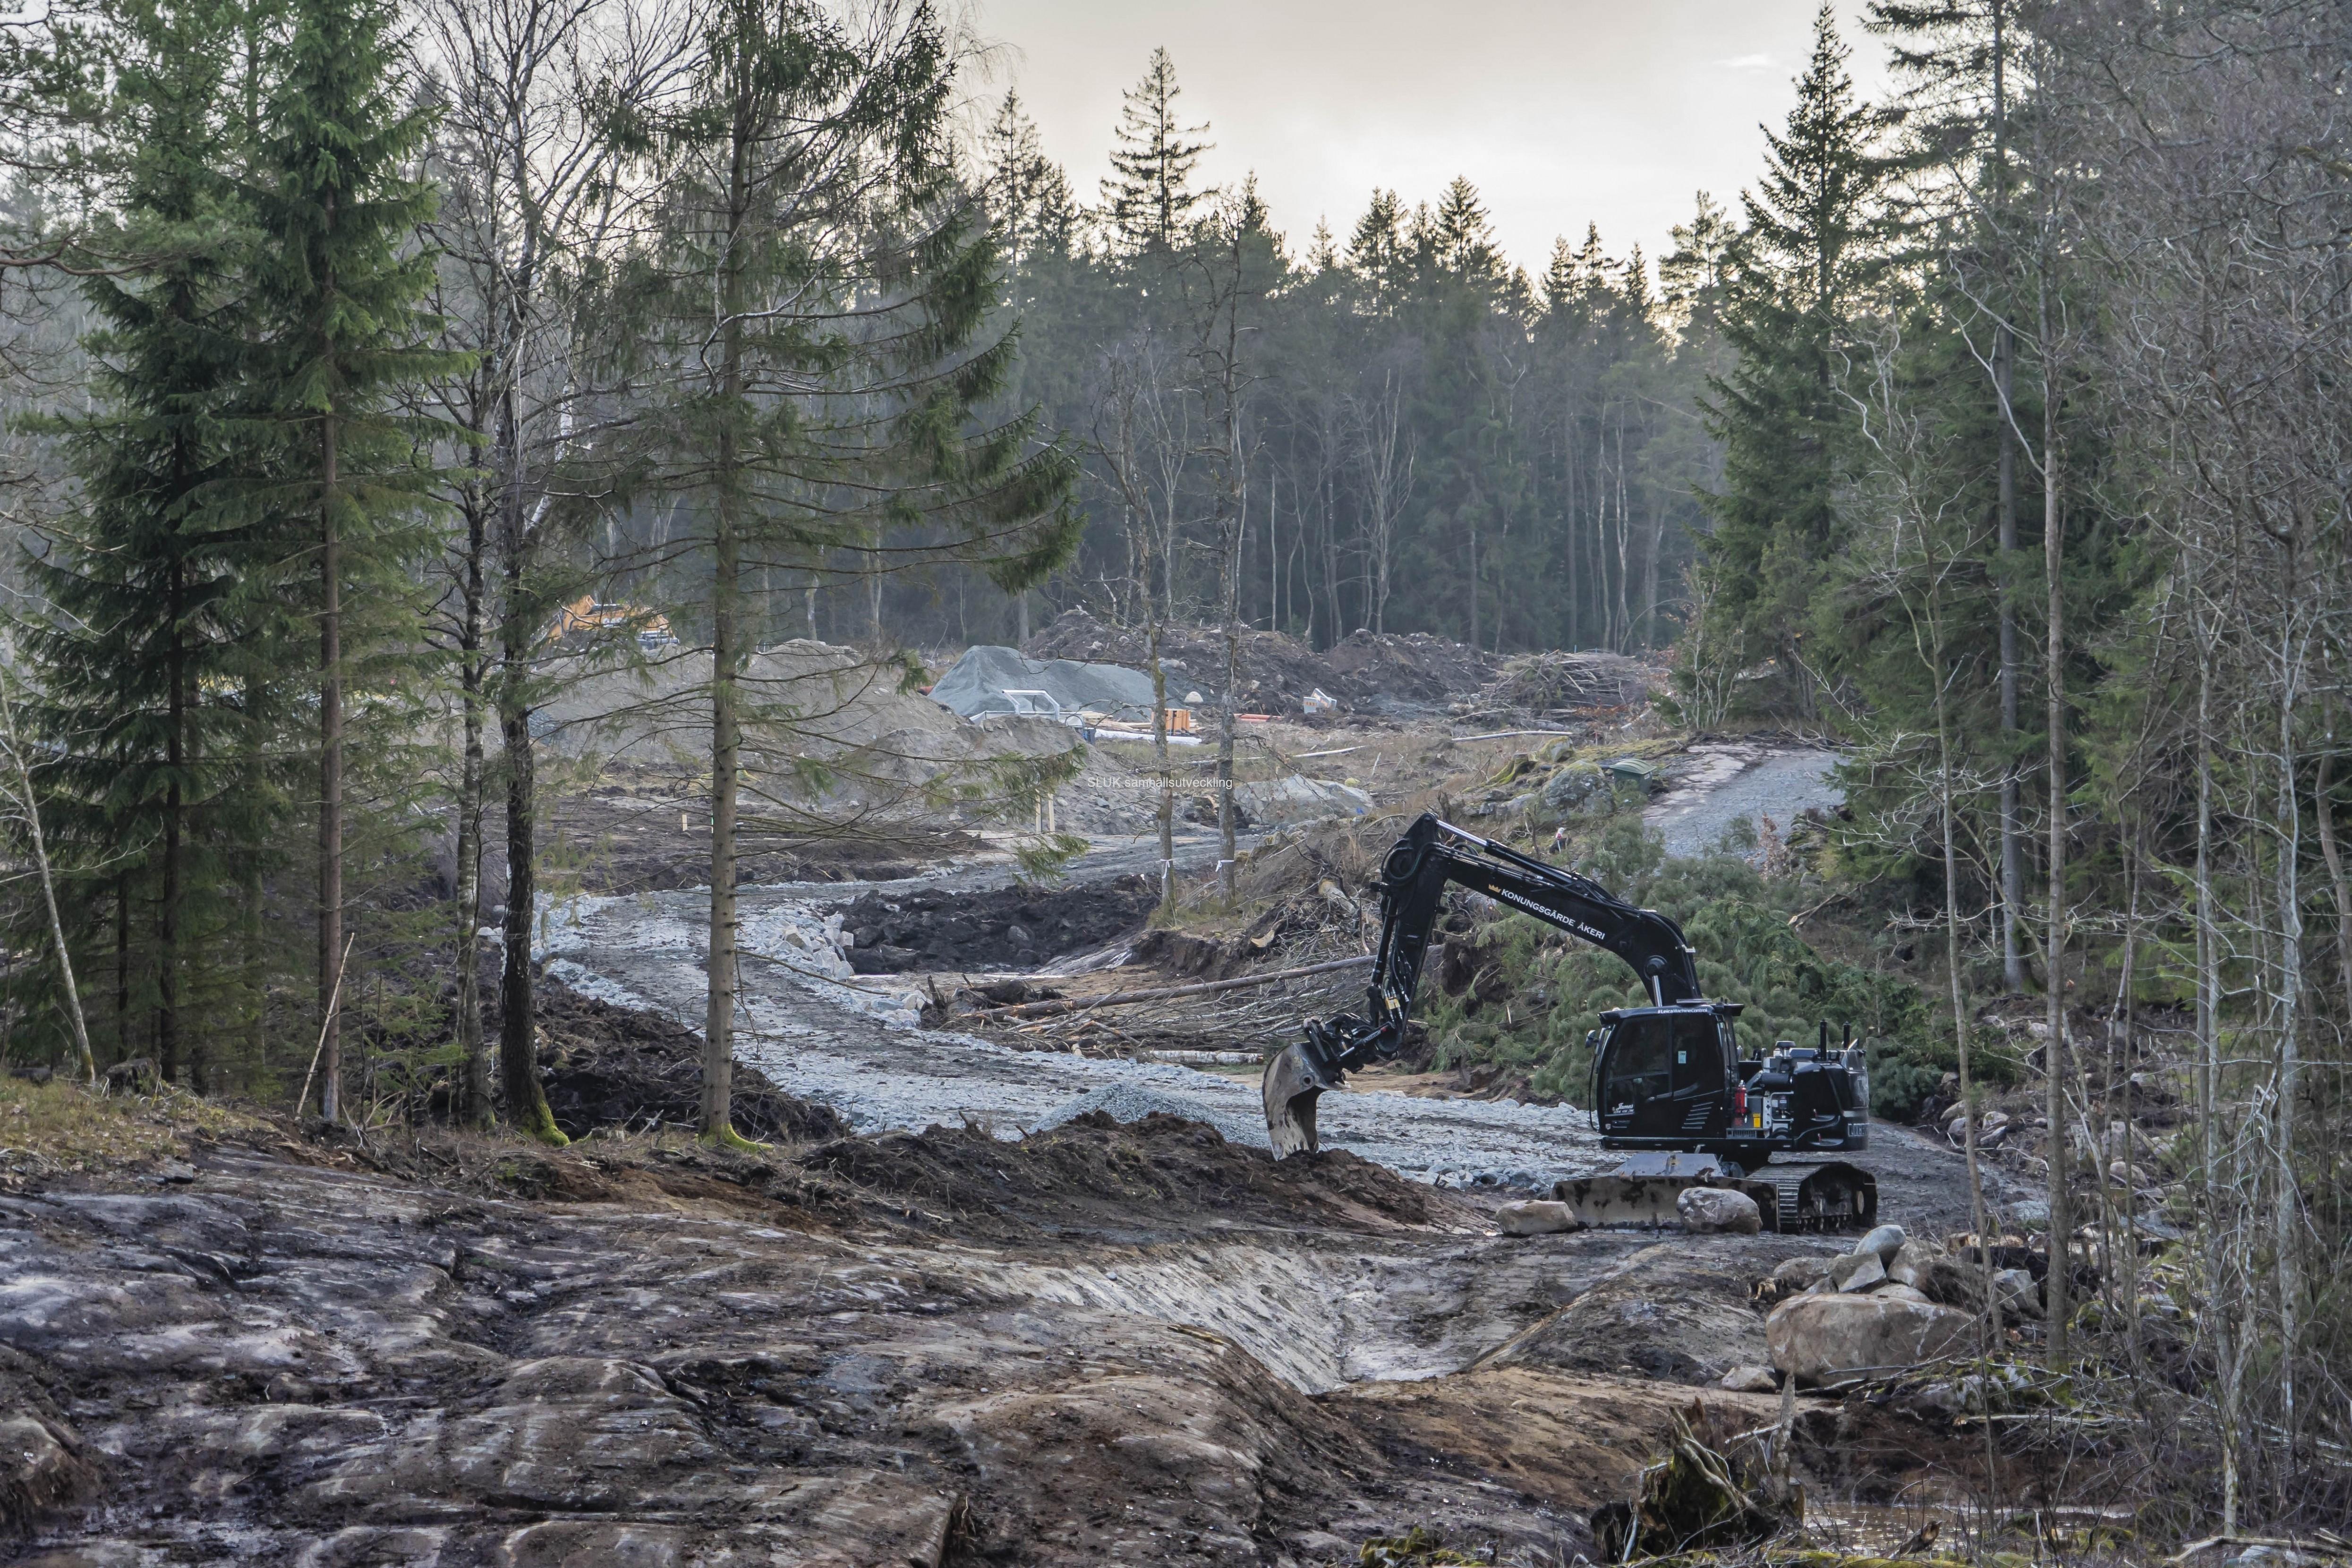 Planen är att plantera ny skog, men det kräver skötsel under 10-15 år. Nu finns bara en kraftledningsgata från det planerade bostadsområdet till Kåsjön.